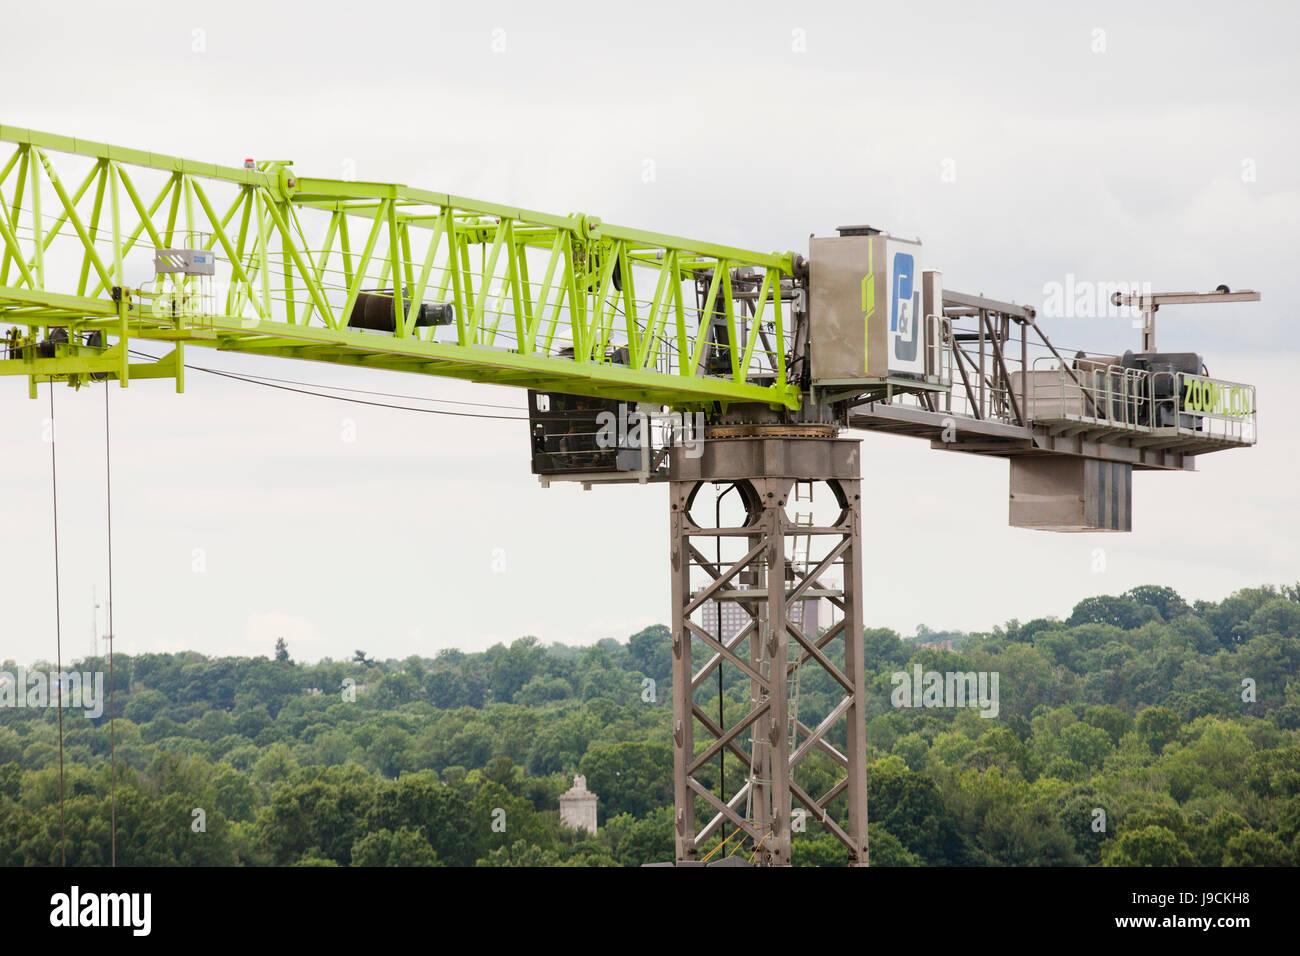 Crane Weight Stock Photos & Crane Weight Stock Images - Alamy